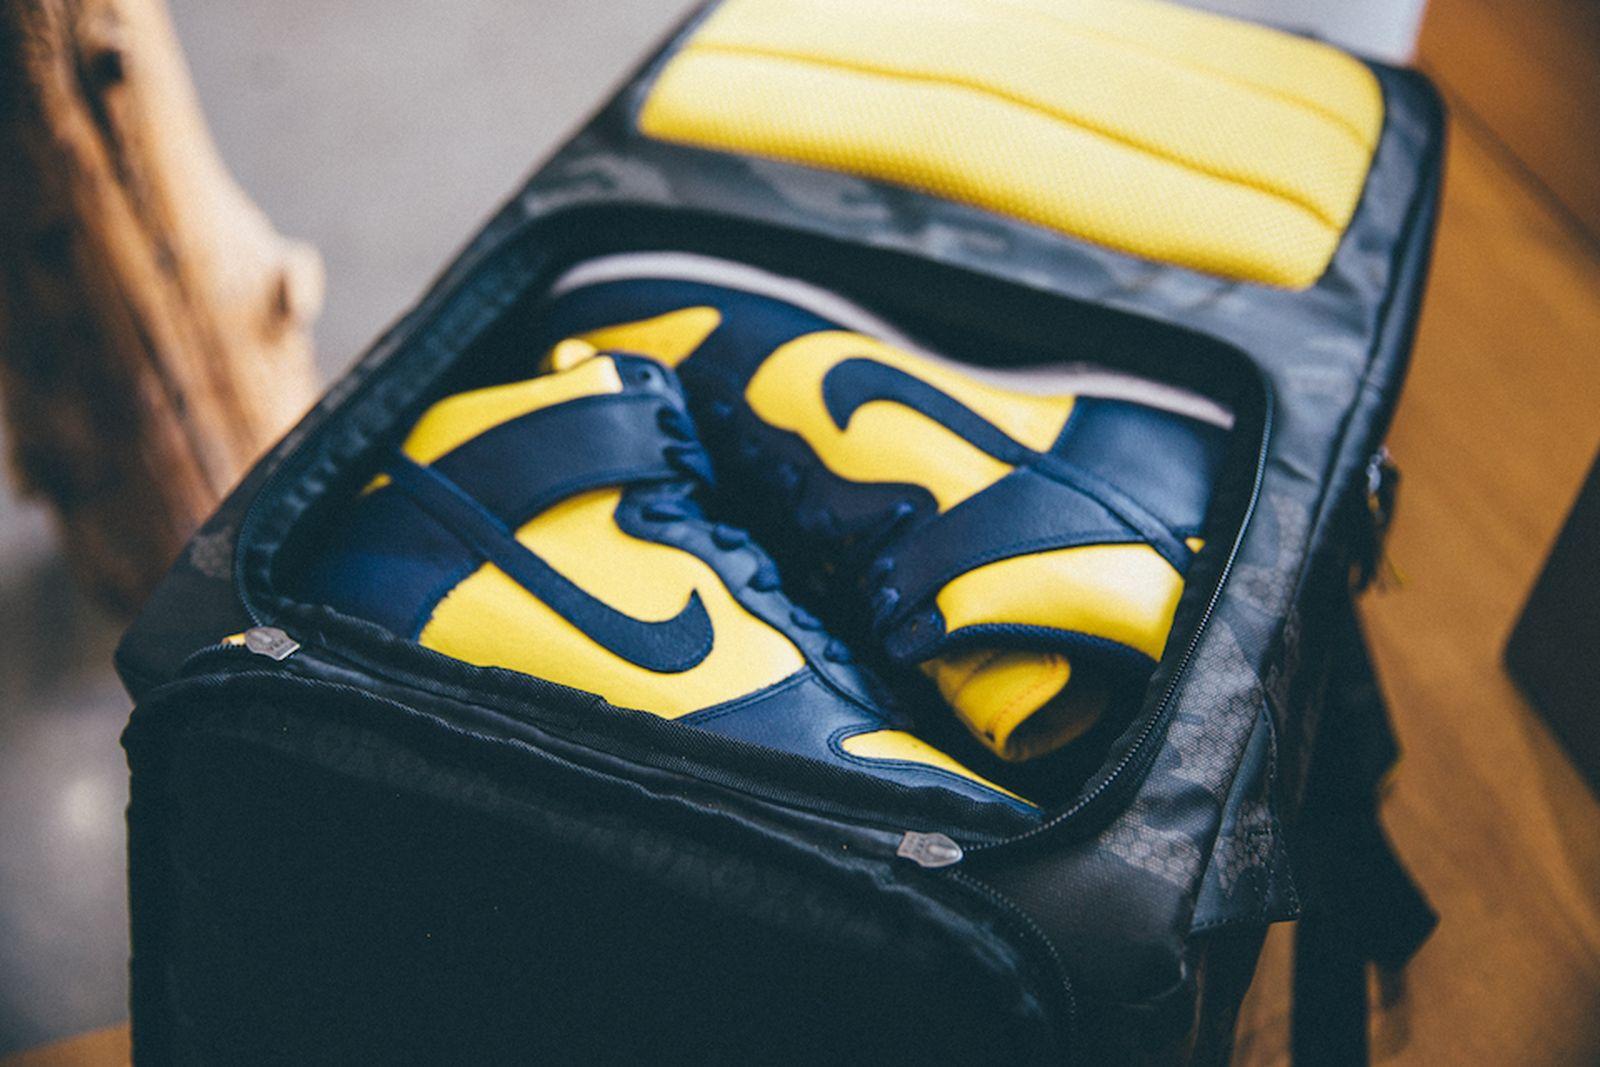 HEX-SneakerBackpack-004